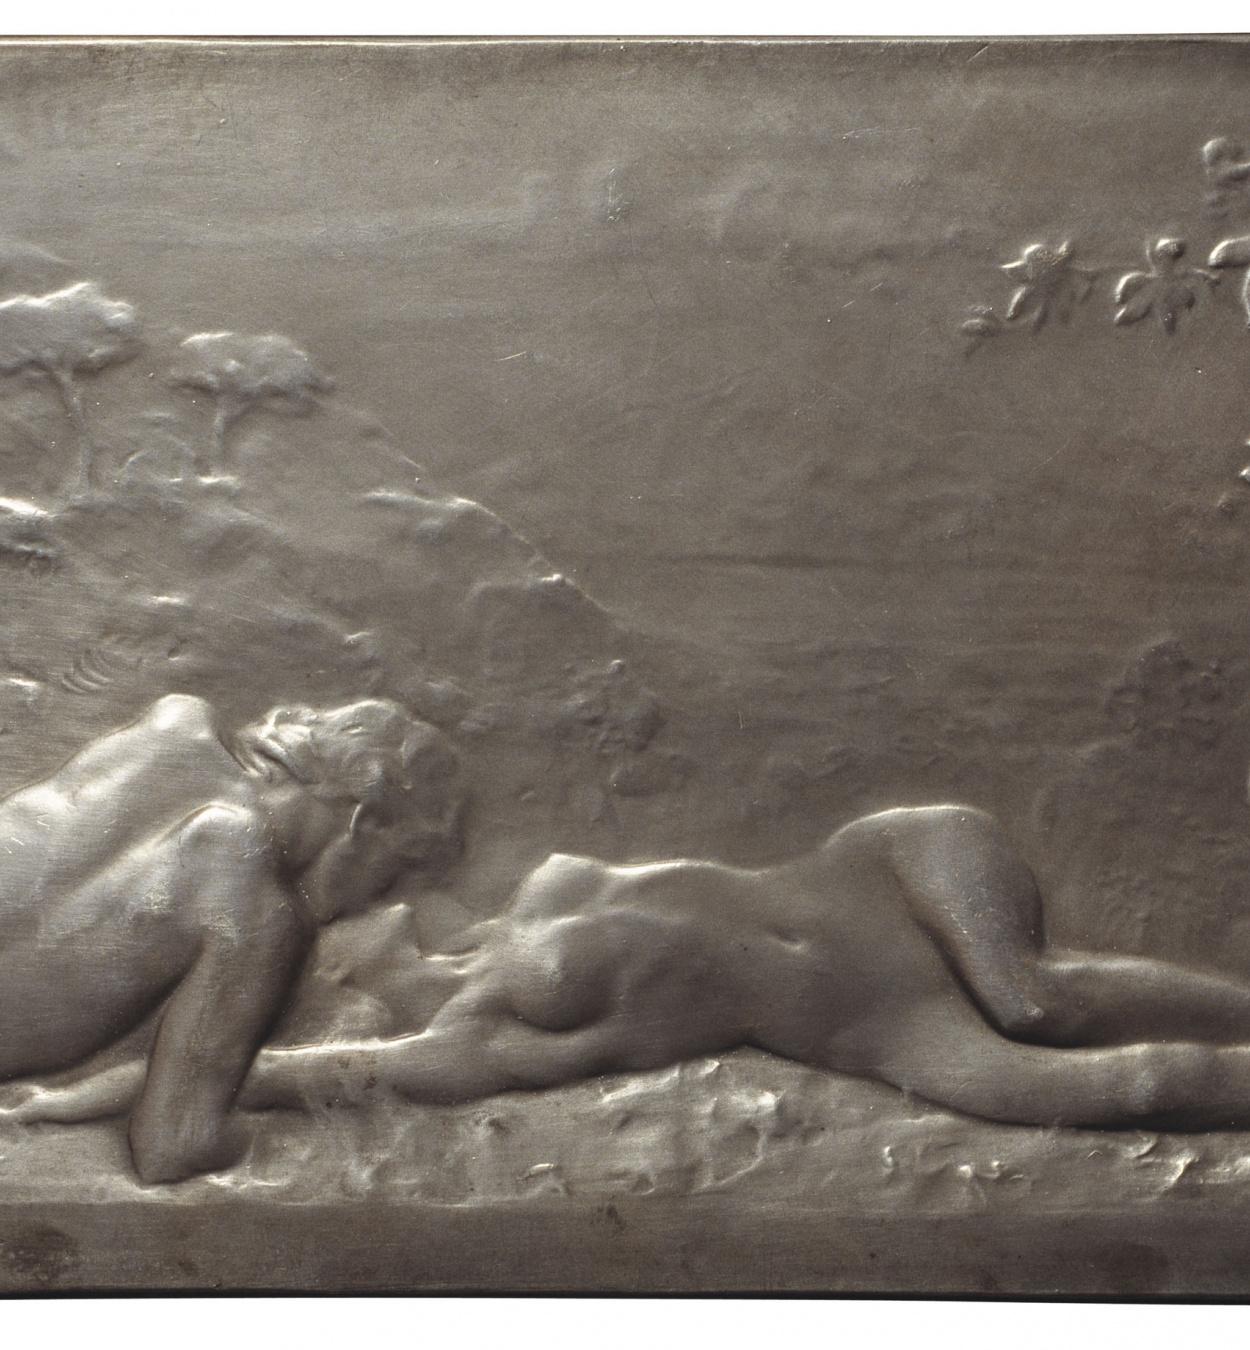 René Grégoire - Le baiser (The kiss) - 1910